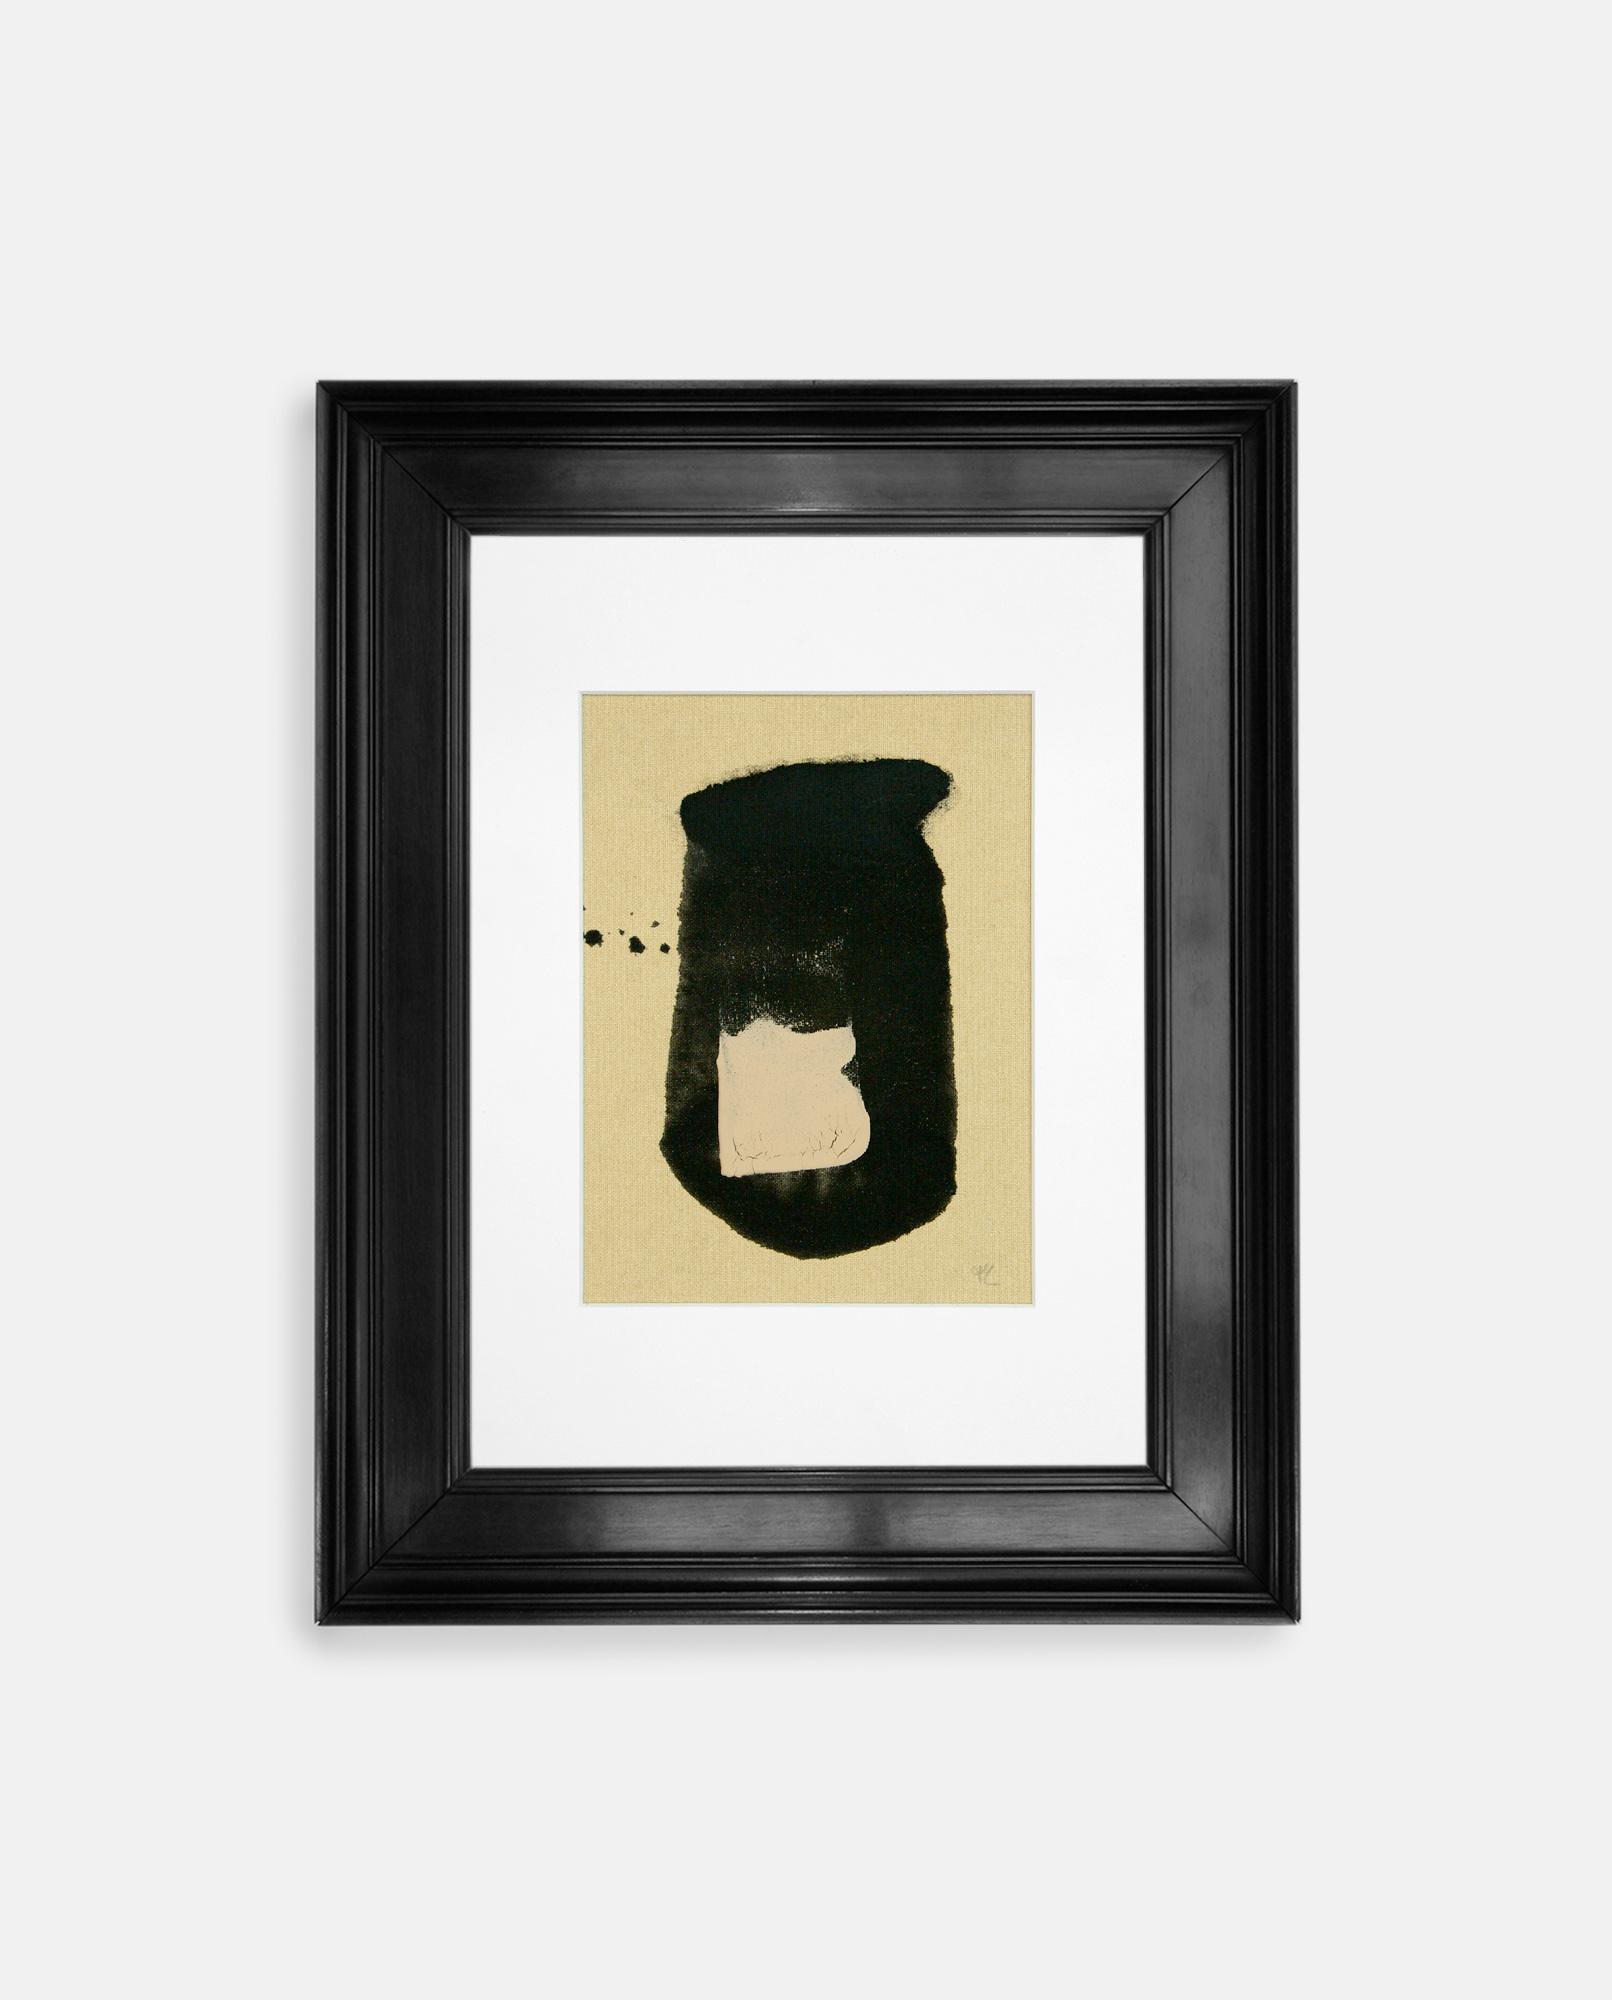 Neess encadrement atelier restauration dorure galerie chatelain bruxelles shop peinture artiste jean marc louis